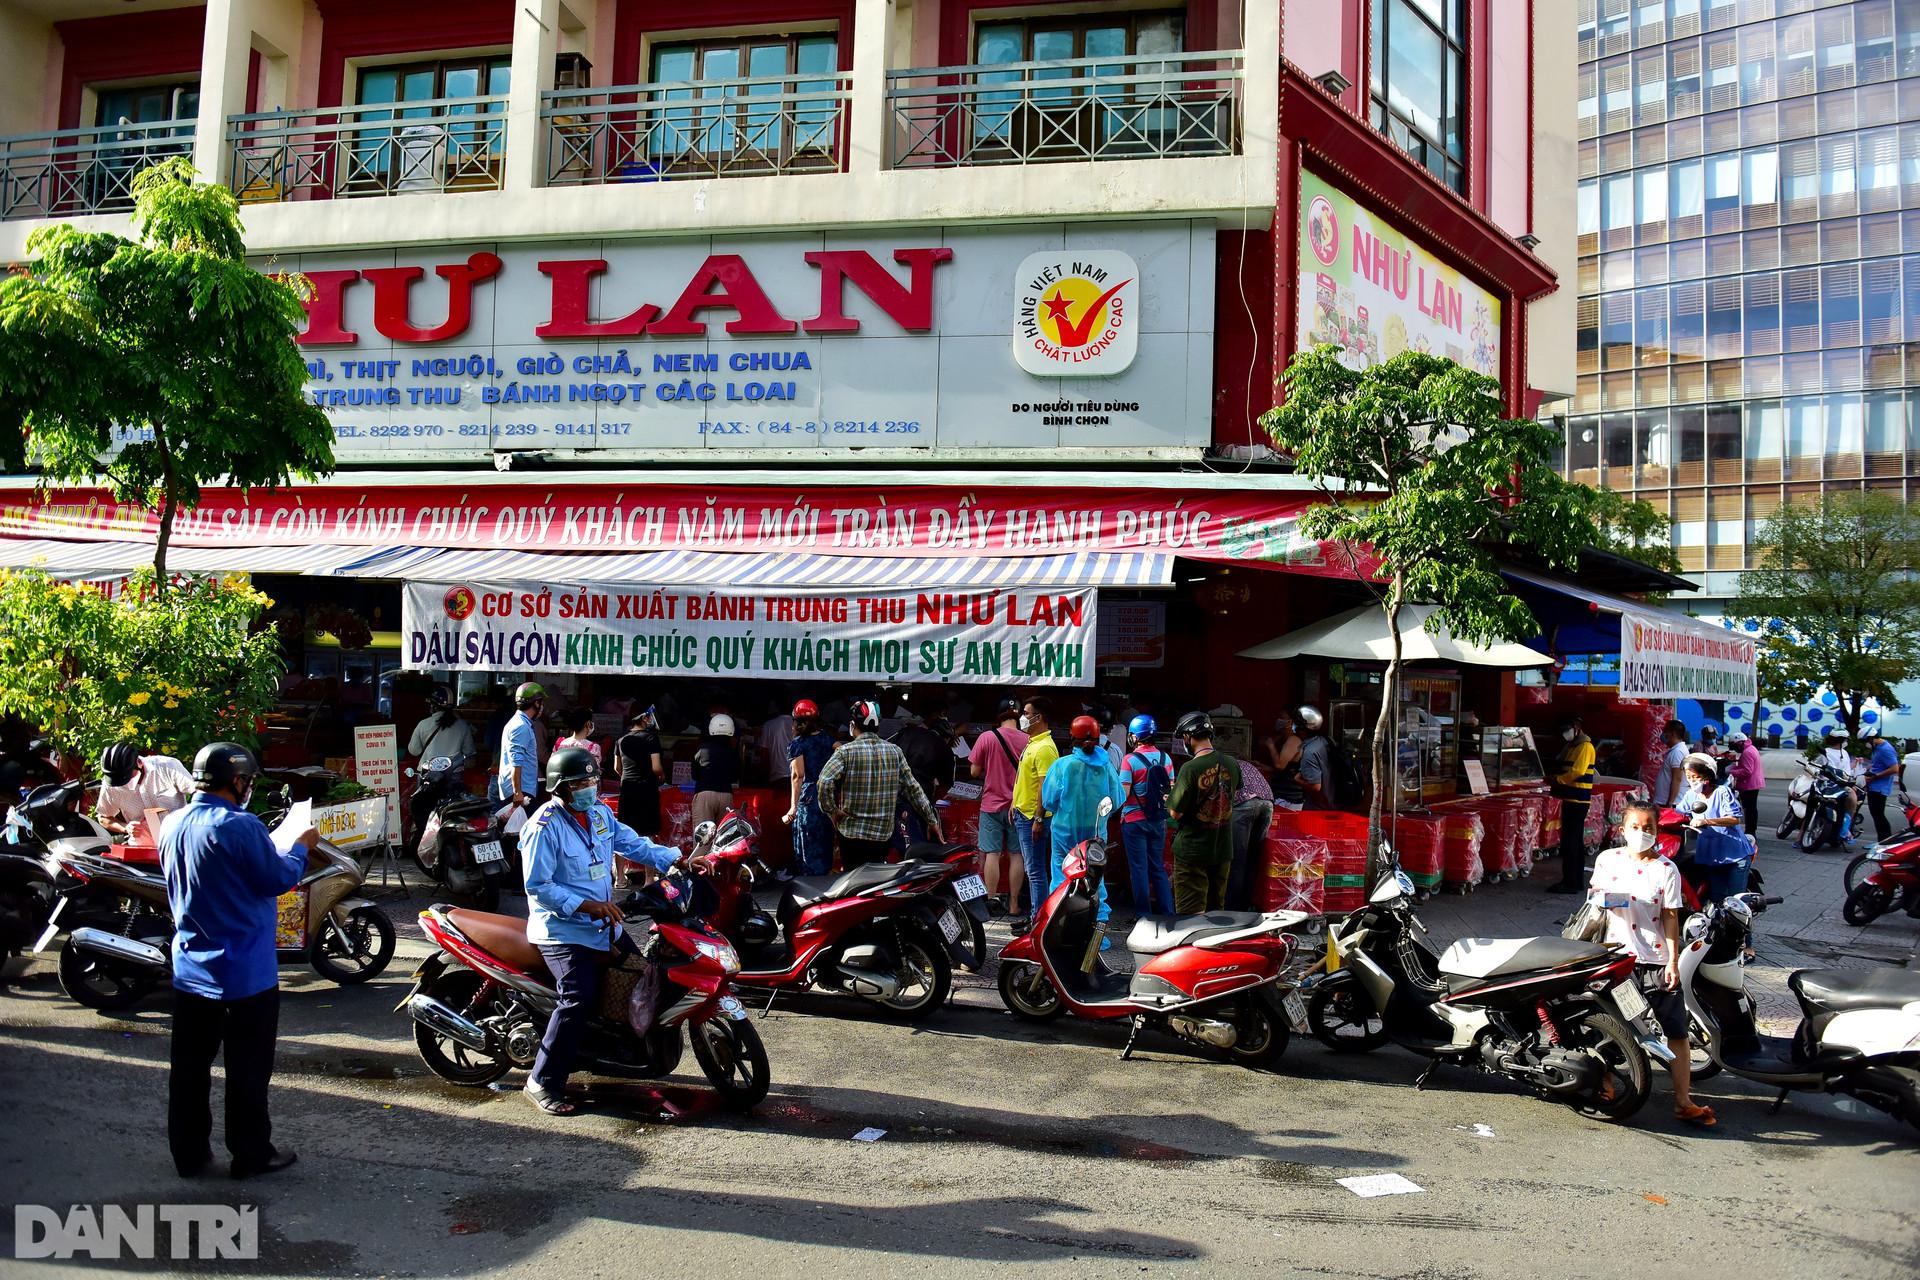 Người dân TPHCM xếp hàng dài chờ mua bánh Trung thu - 1